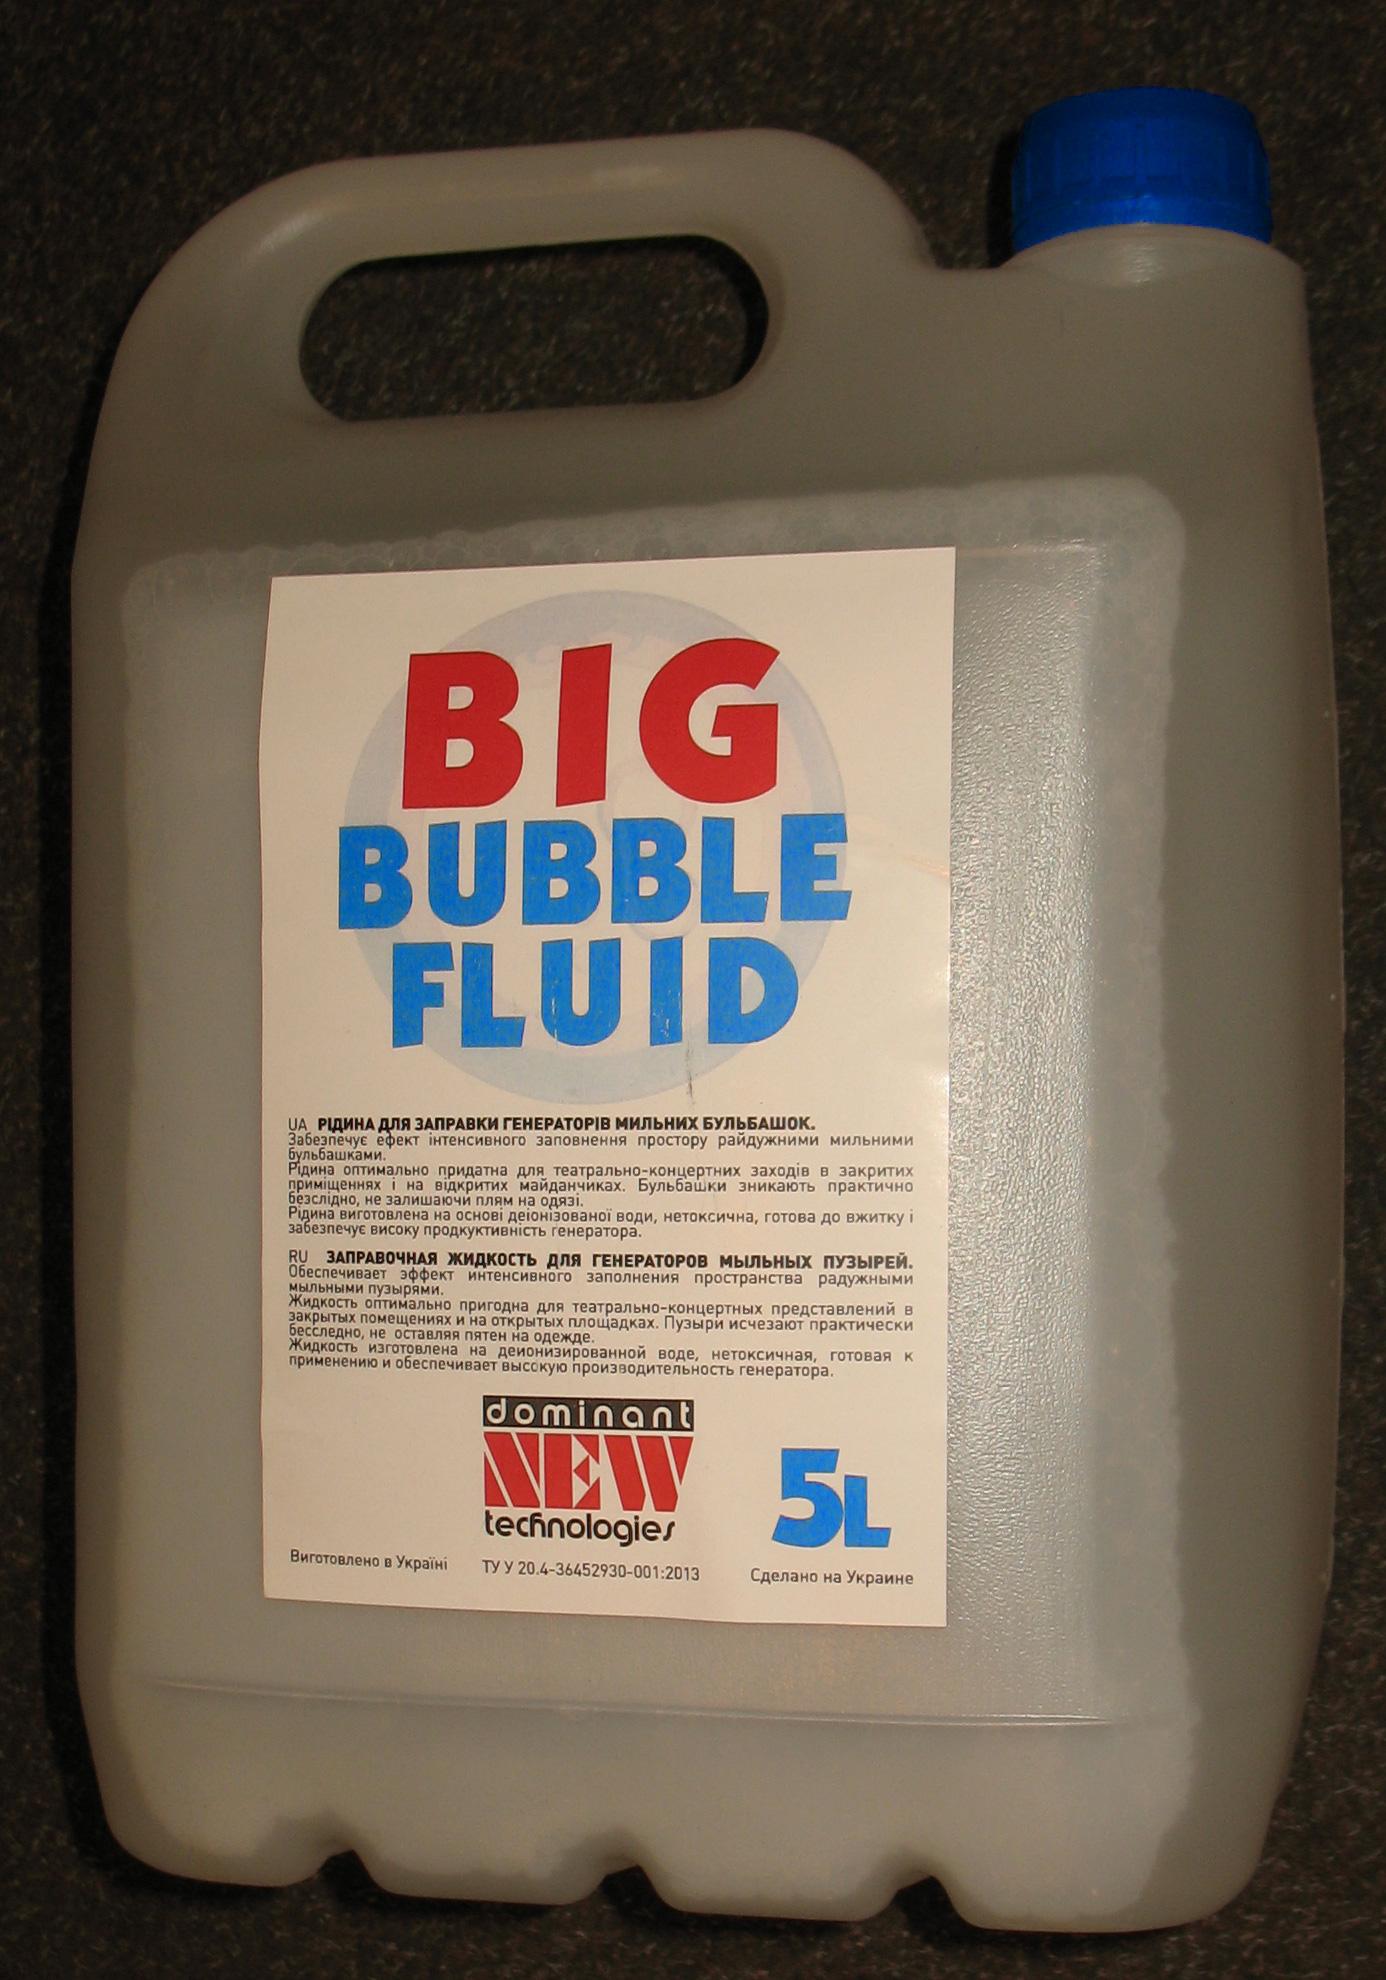 Как сделать раствор для генератора мыльных пузырей